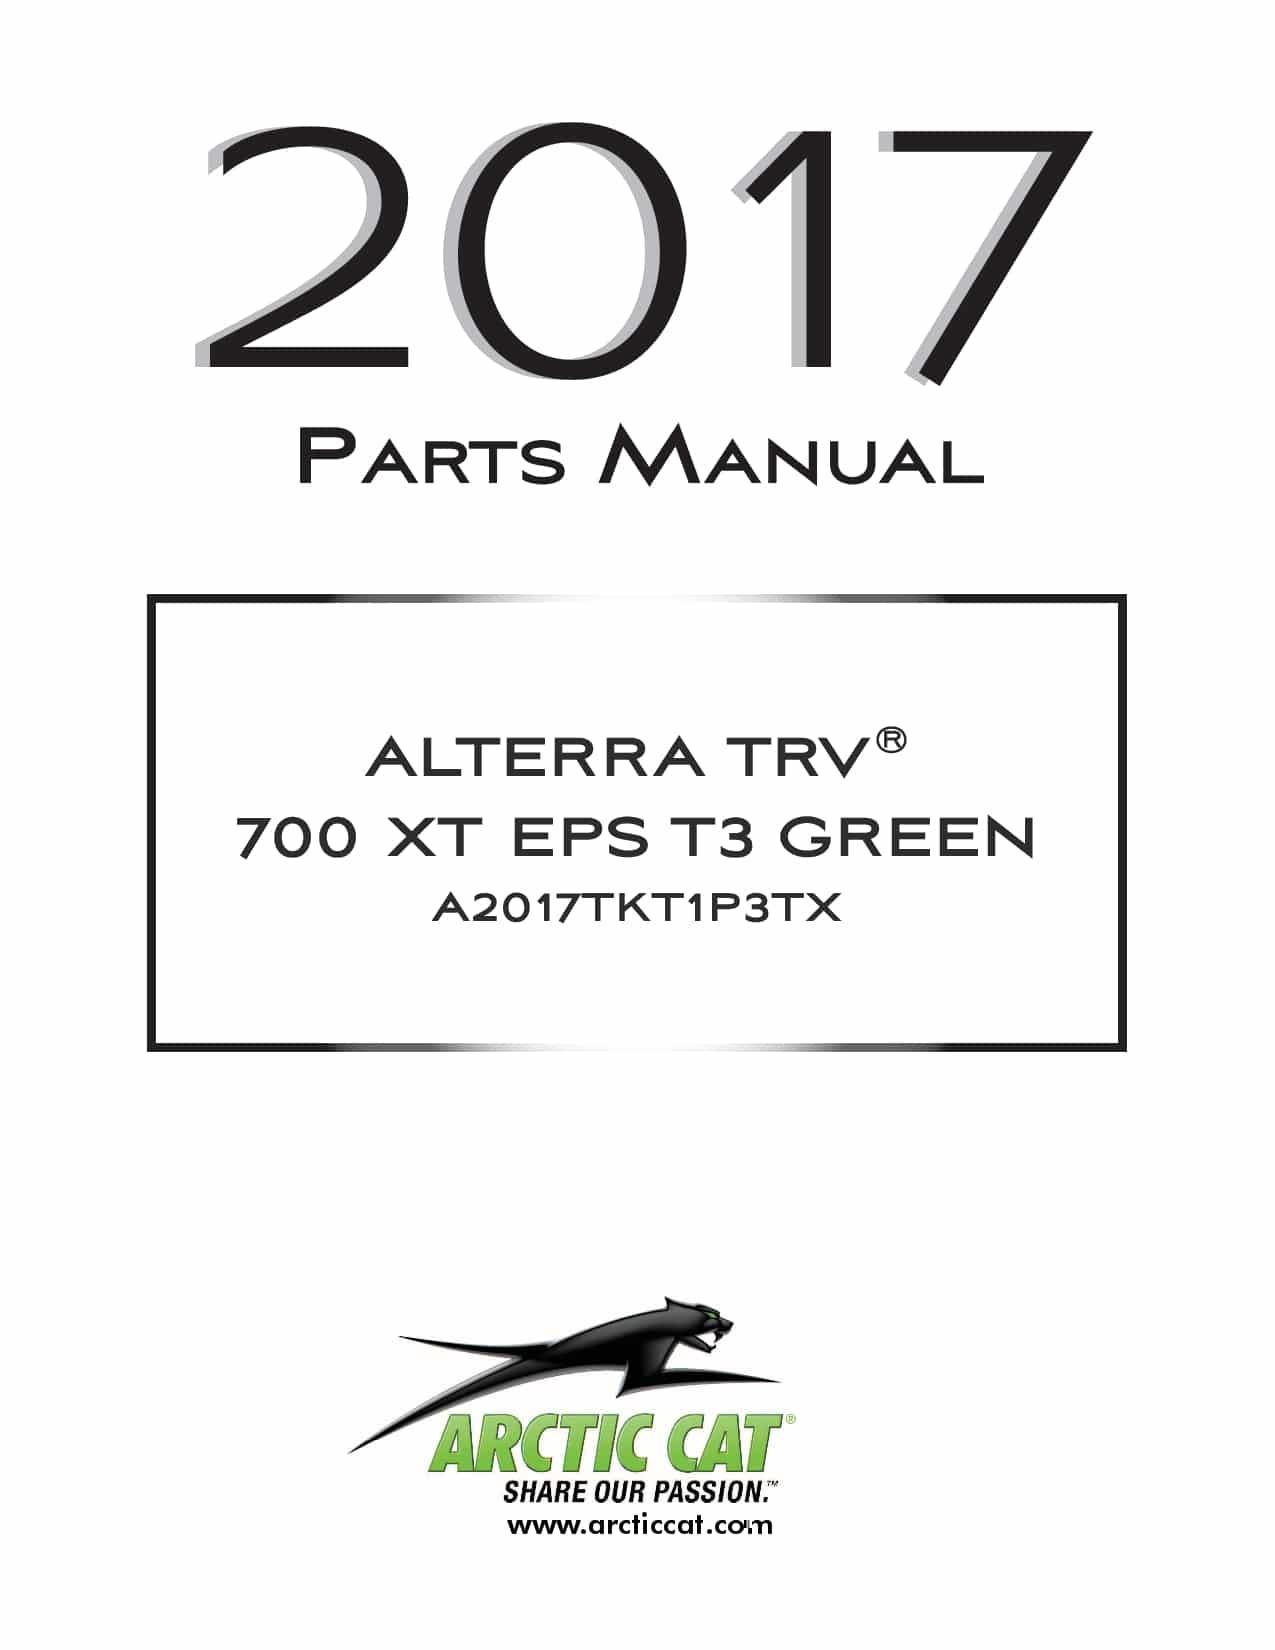 ARCTIC CAT 2017 Alterra TRV 700 XT EPS T3b green part